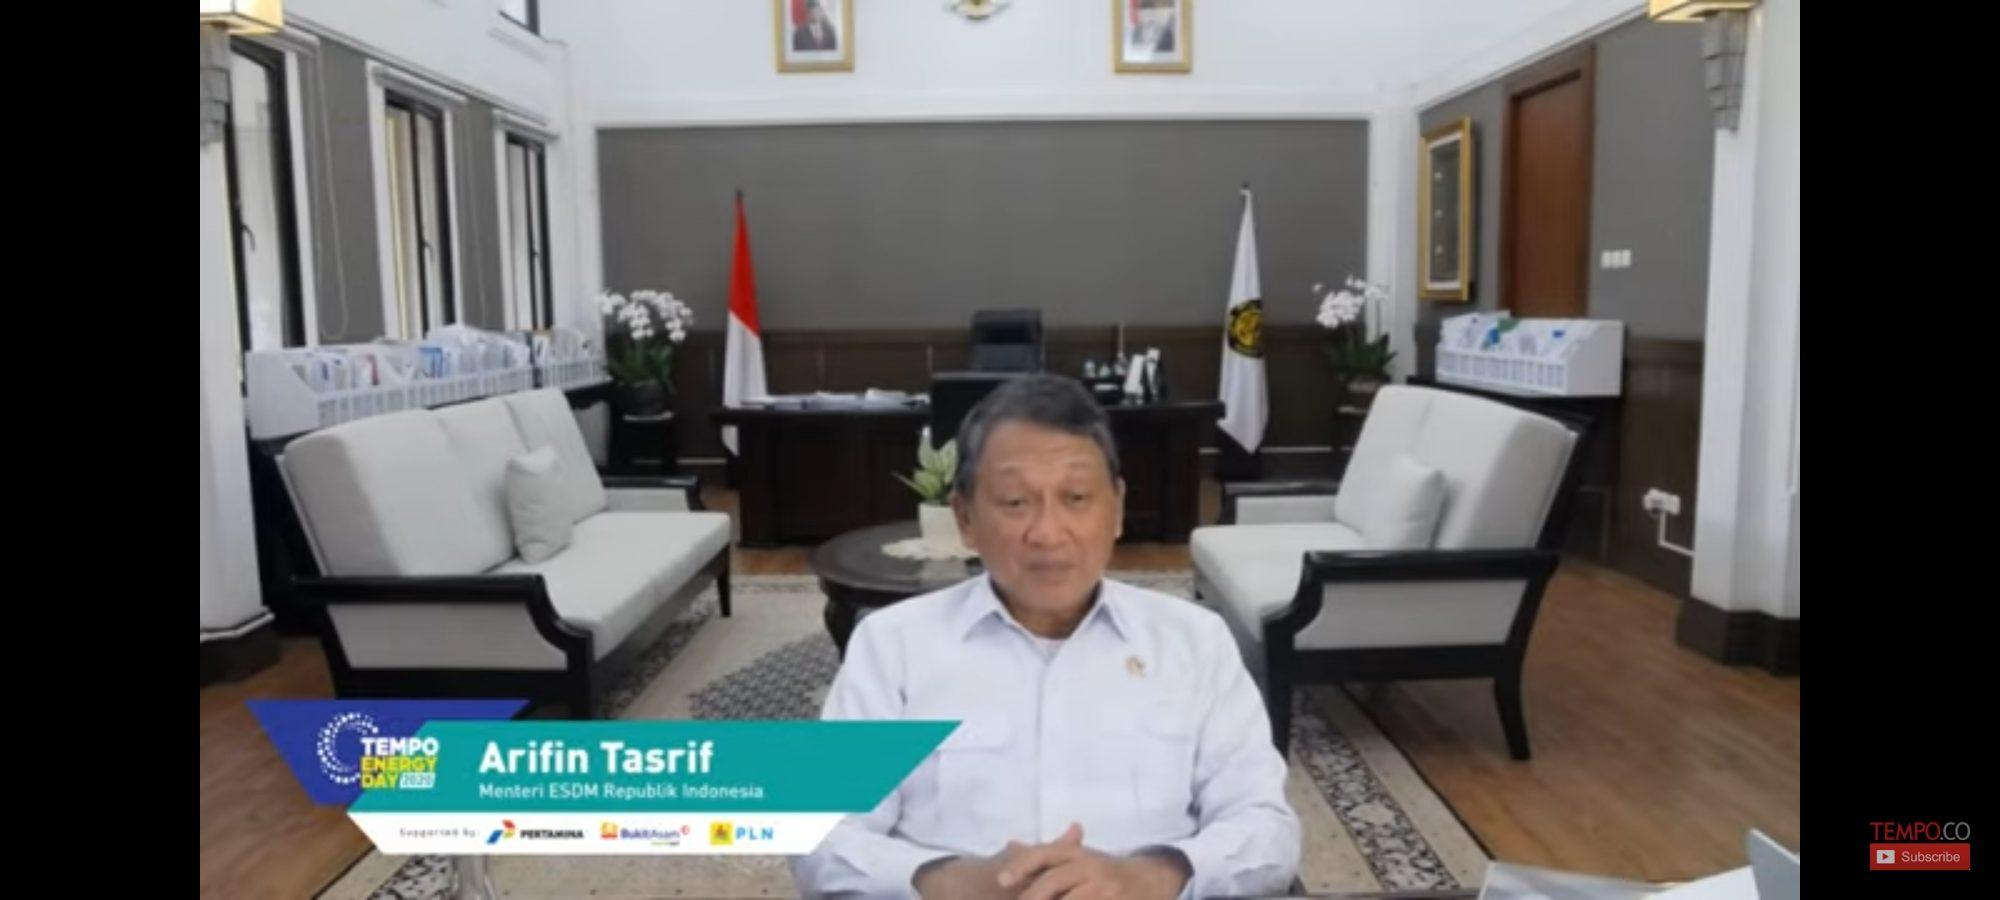 Menteri ESDM Arifin Tasrif